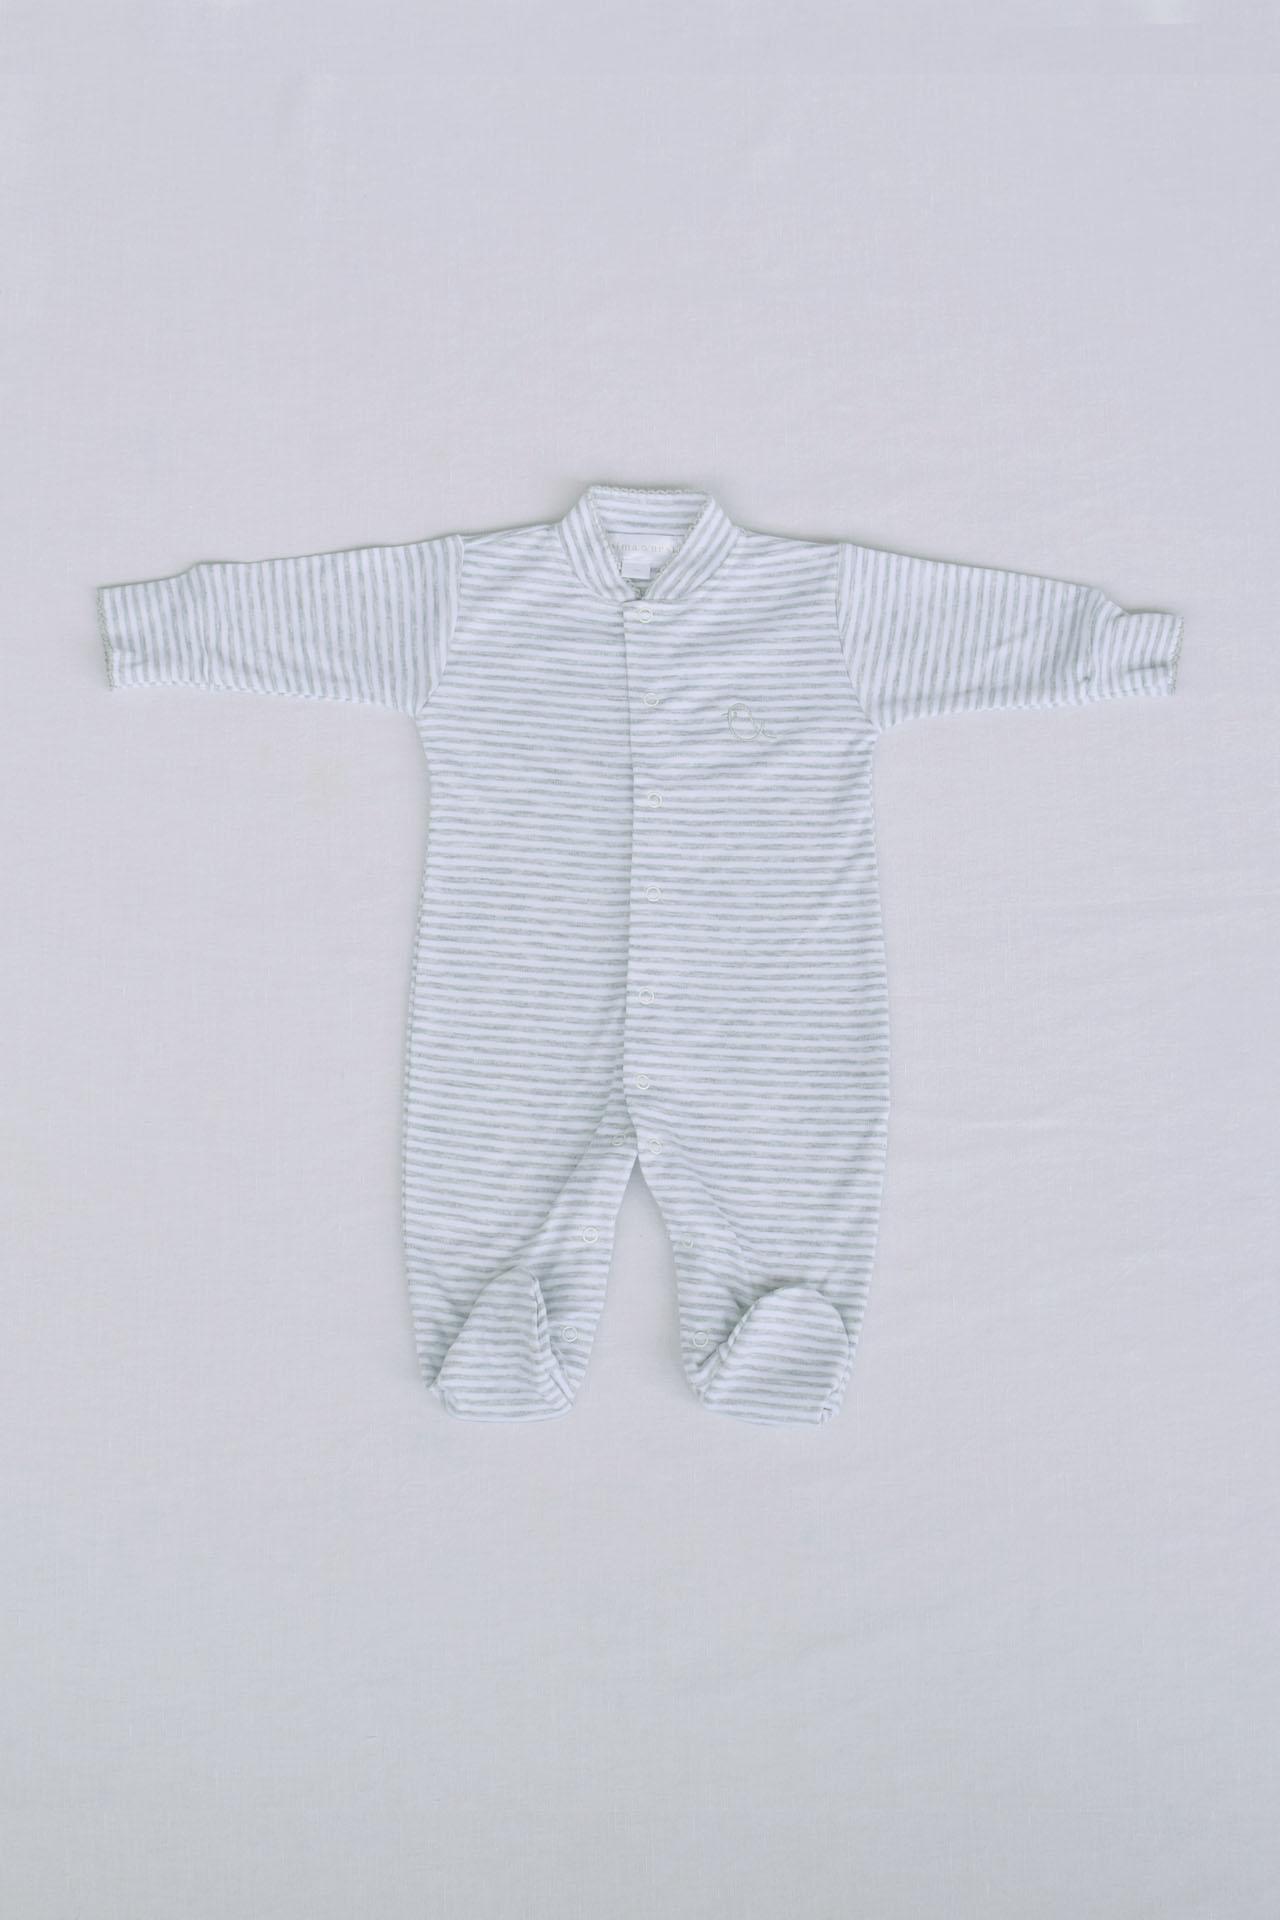 Nuestro Enterizo Cris, esta hecho de gamuza a rayas, 100% algodón Pima, tiene un borado al lado izquierdo y bobos en el centro.